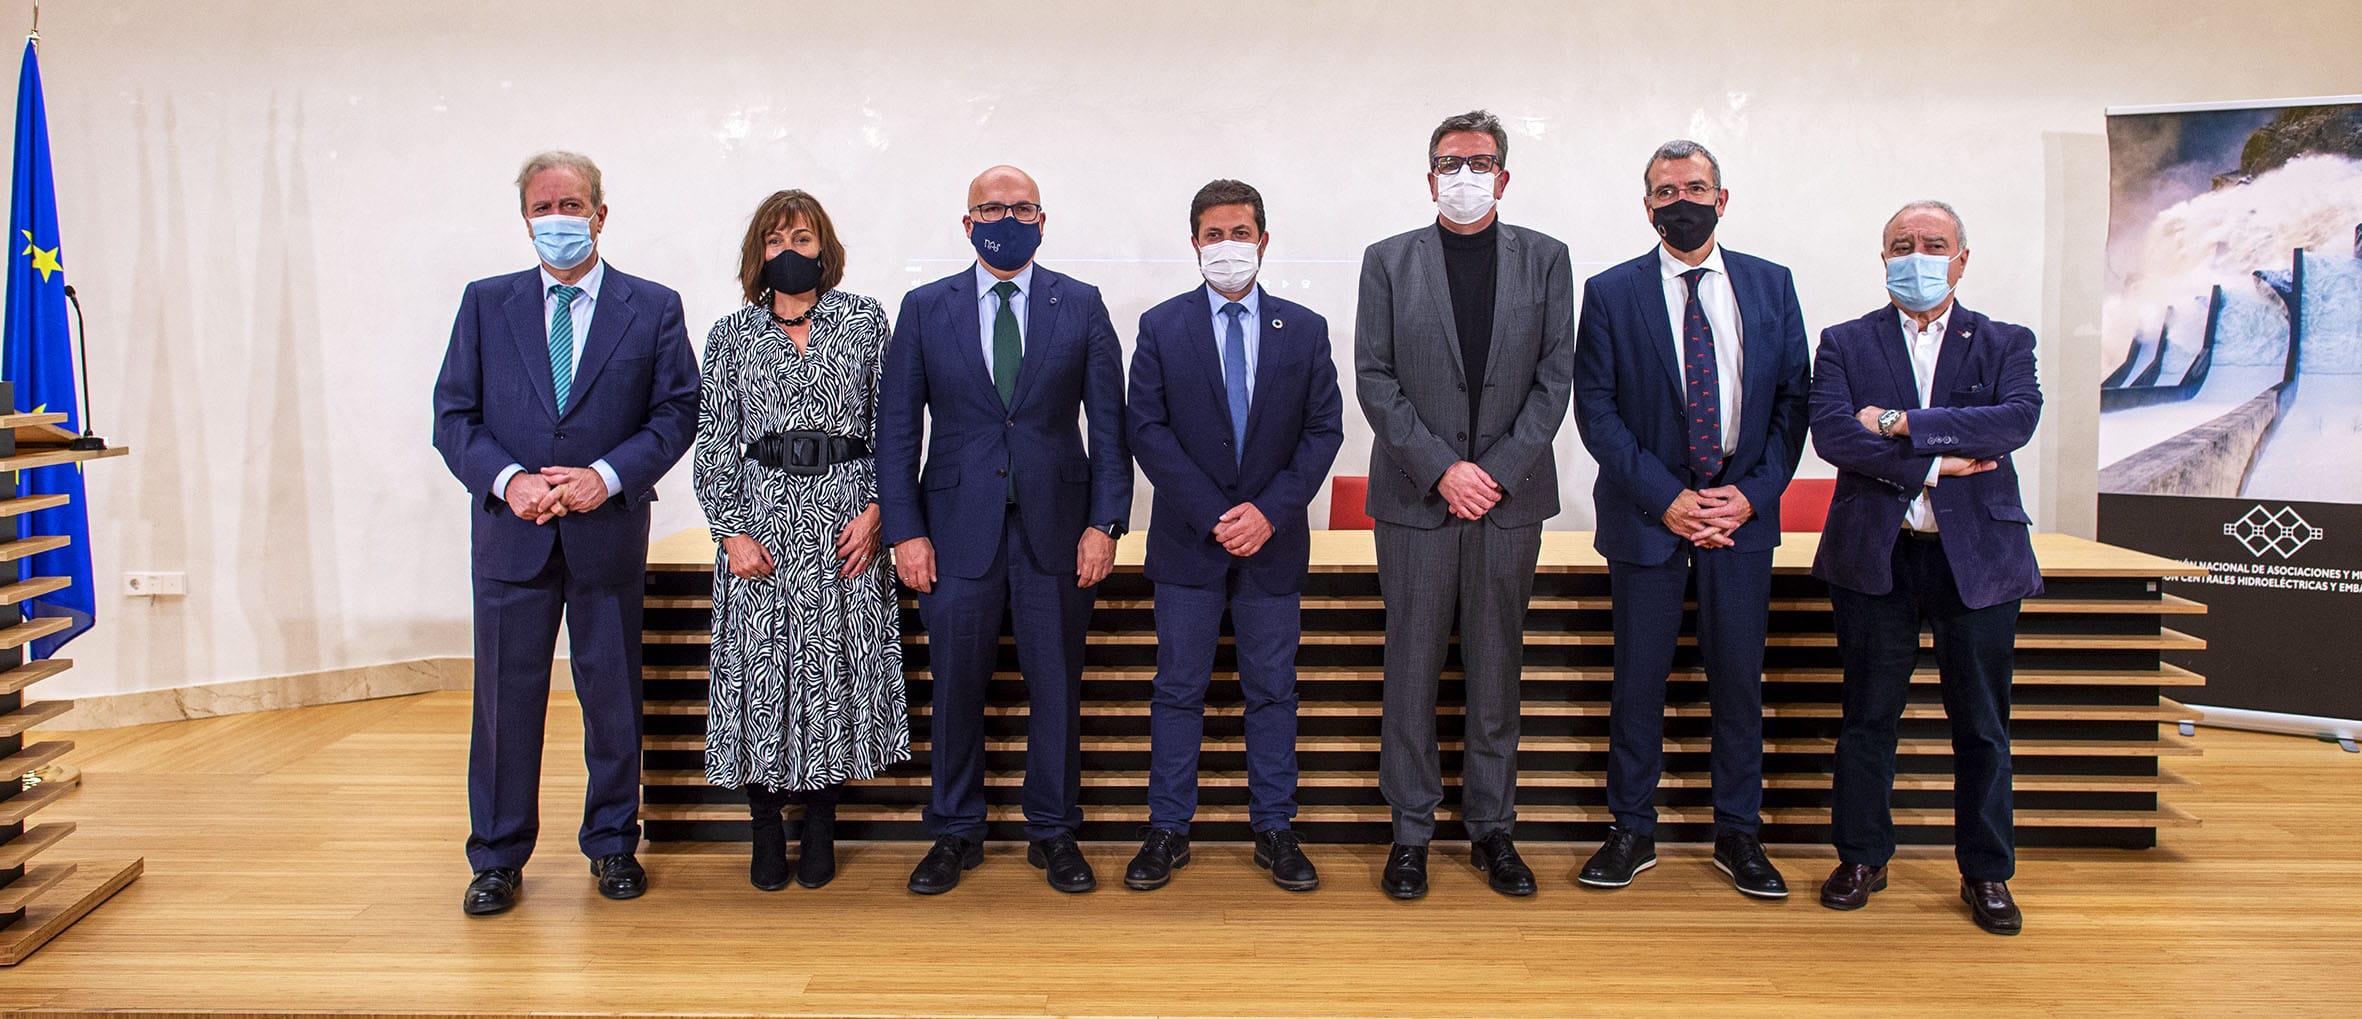 Manifiesto sobre el Futuro de las Concesiones Hidroeléctricas en España